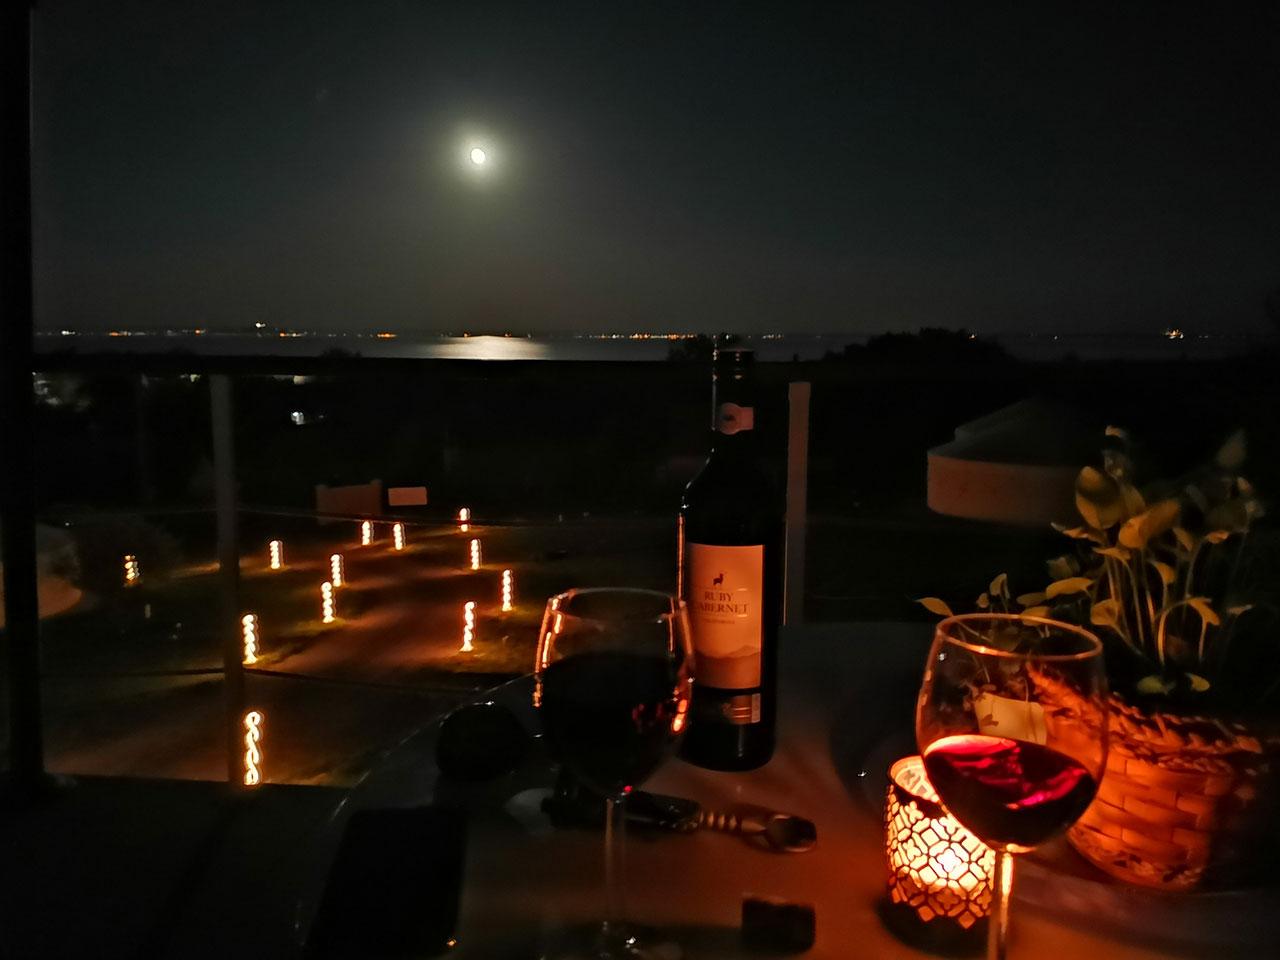 Jurta hotel Balatongyörök Galéria Éjszaka 1